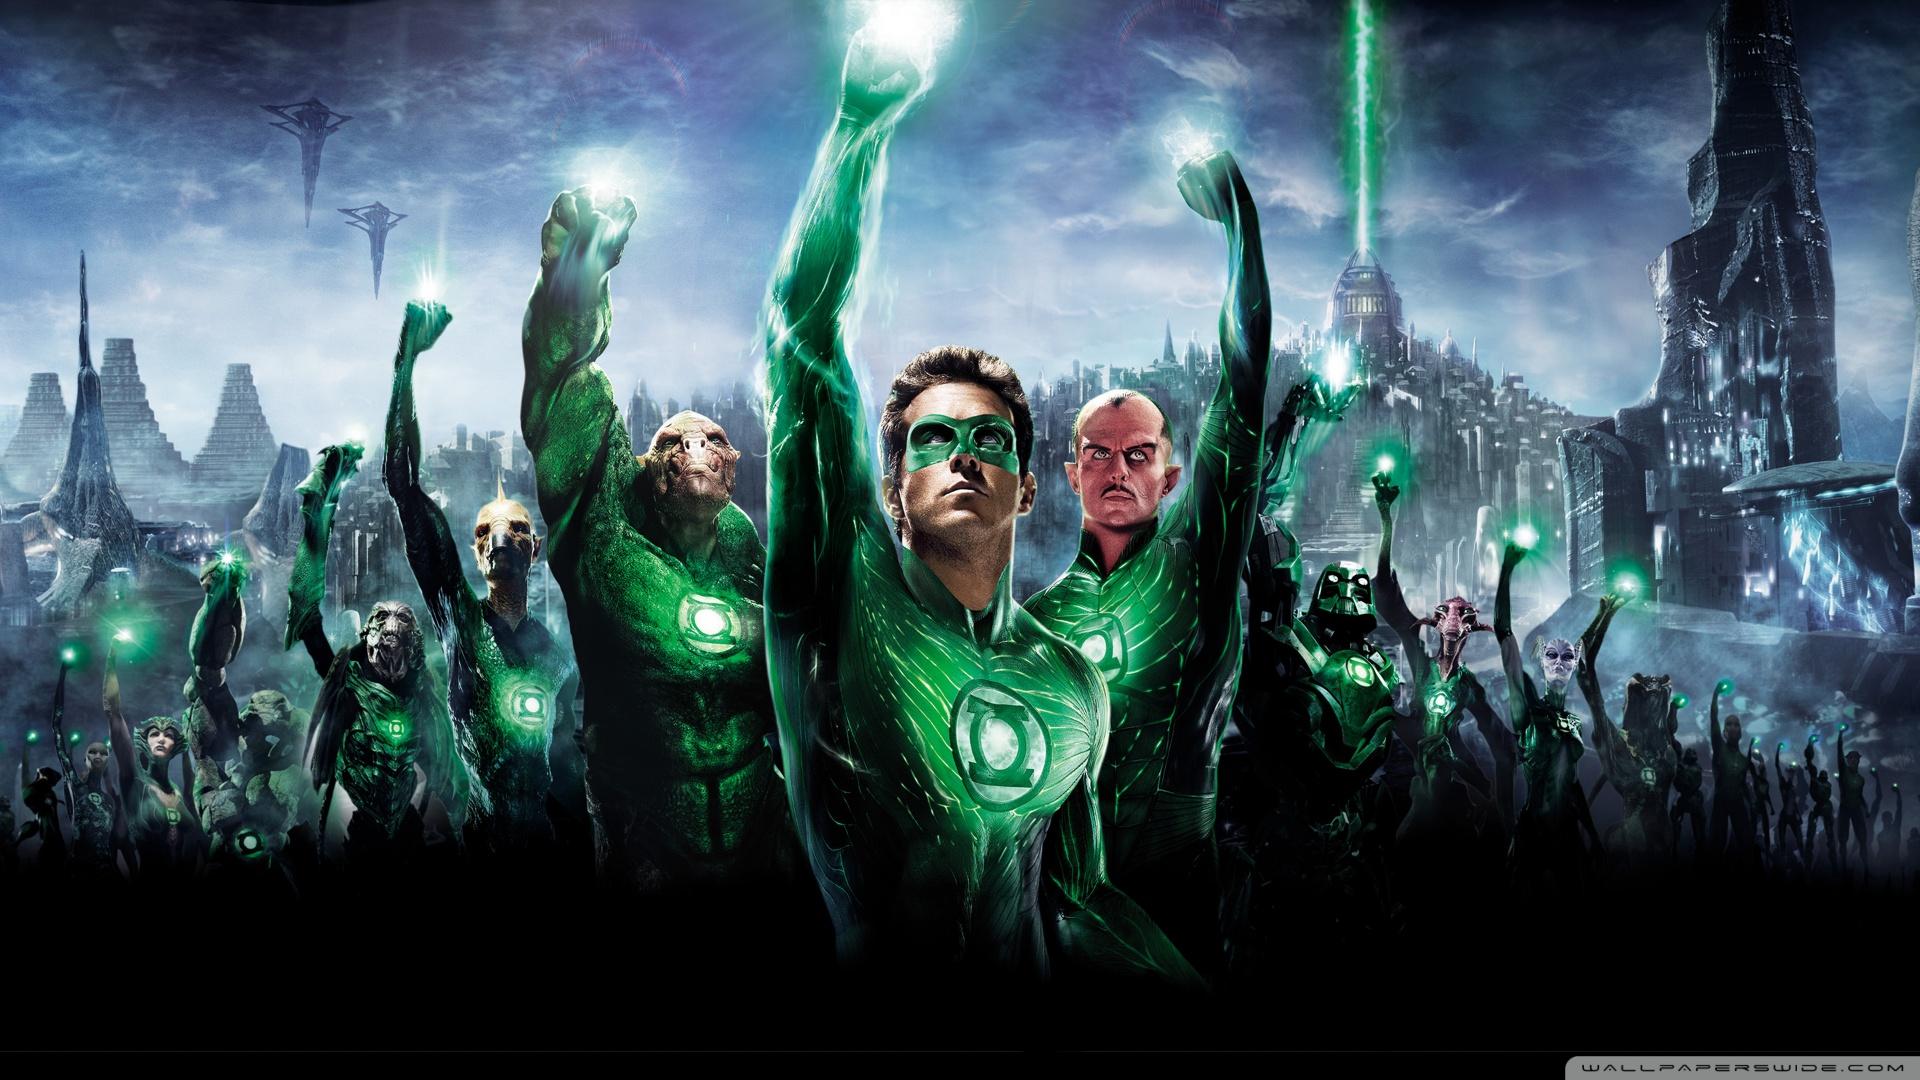 60 Green Lantern Movie Wallpapers On Wallpapersafari